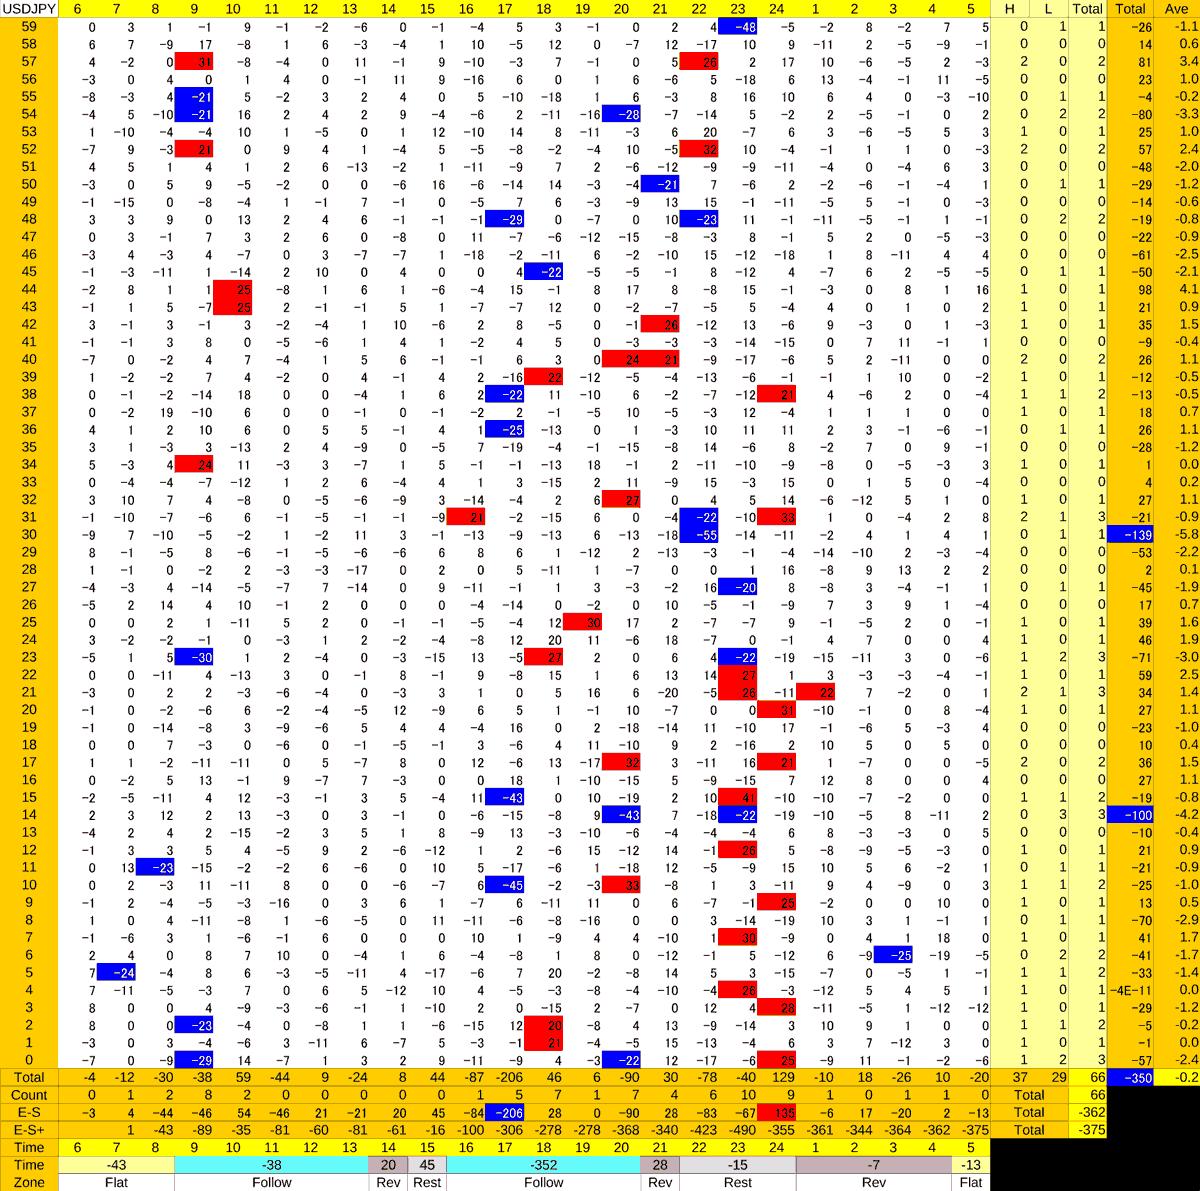 20201117_HS(1)USDJPY